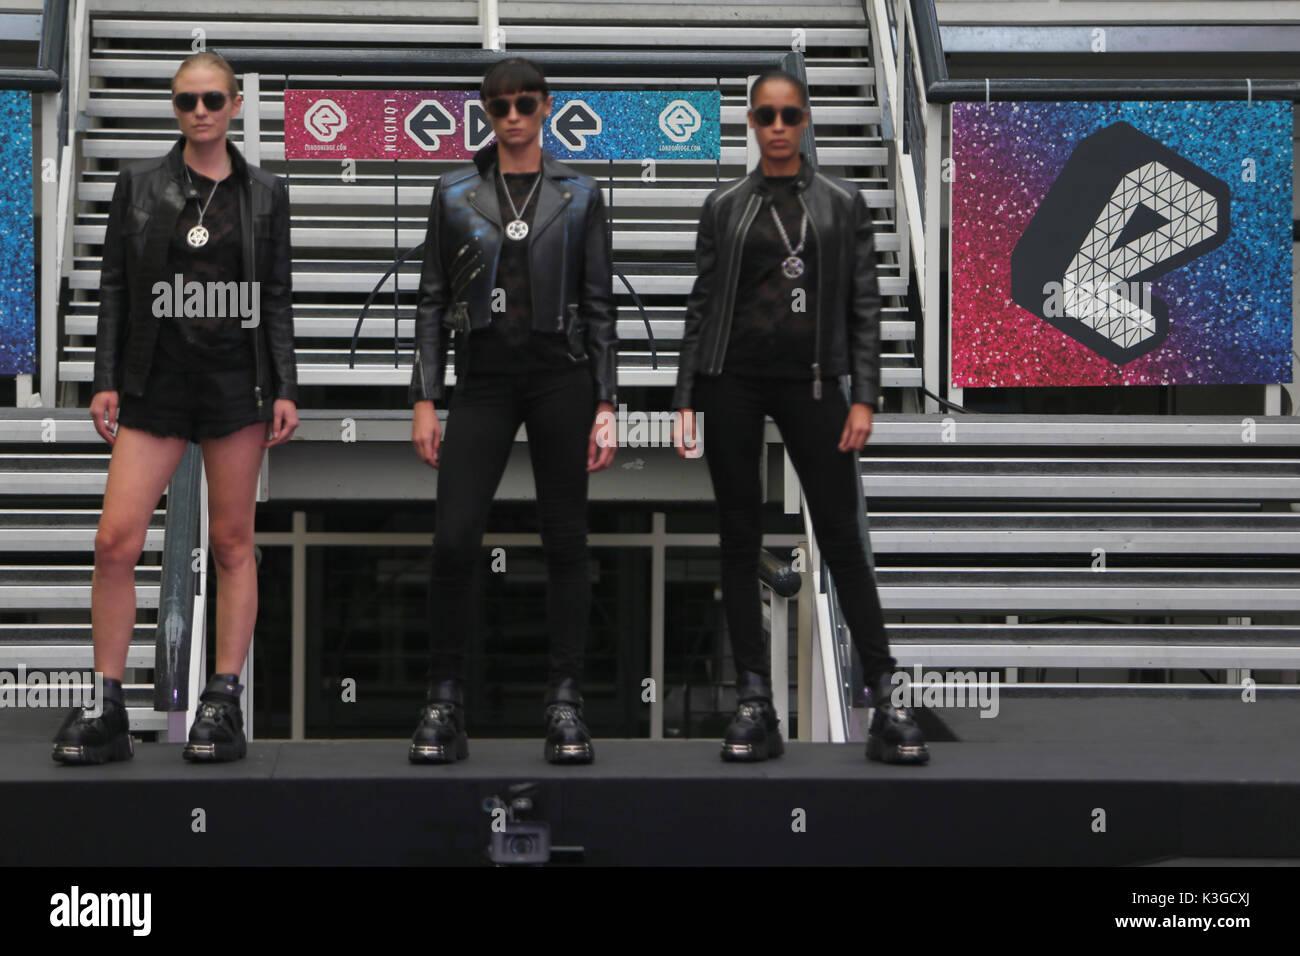 Londres, Royaume-Uni. 3 Septembre, 2017. Deuxième piste de Londres show vu designers Spin Doctor 2 ,Lindy Pop,Rock,de nouveaux Cœurs et Roses,Londres,belle et lumineuse et collective Dr Faust. Crédit: Paul/Quezada-Neiman Alamy Live News Banque D'Images